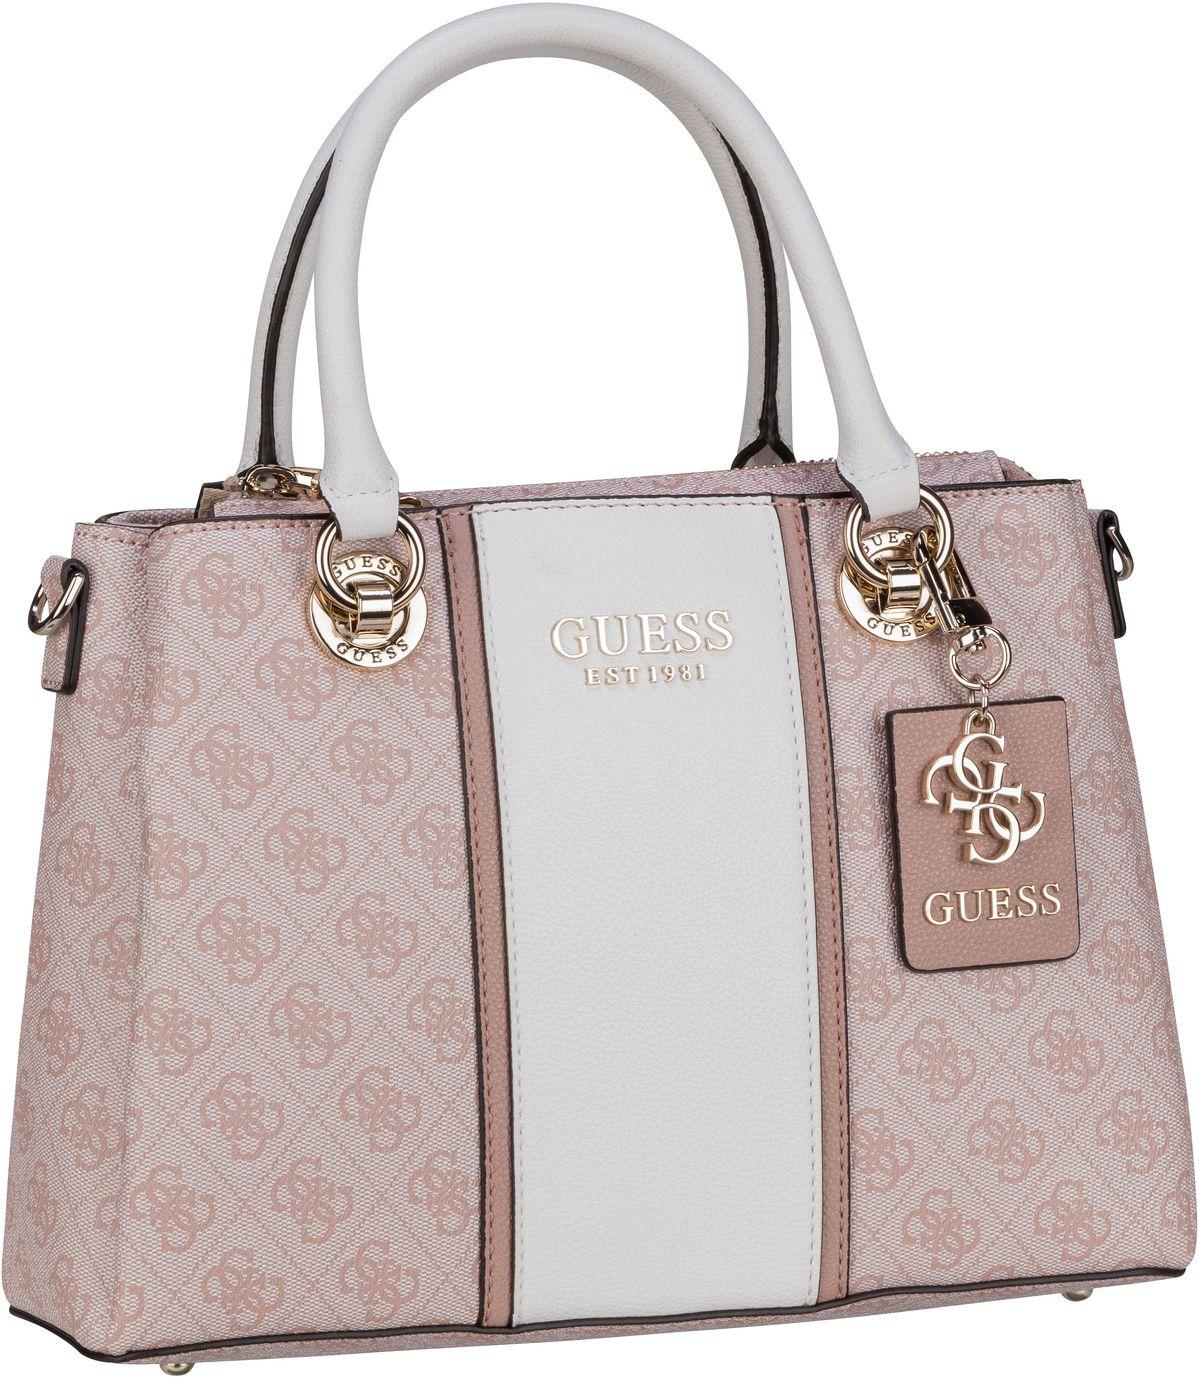 Handtasche Cathleen 3 Compartment Satchel Blush